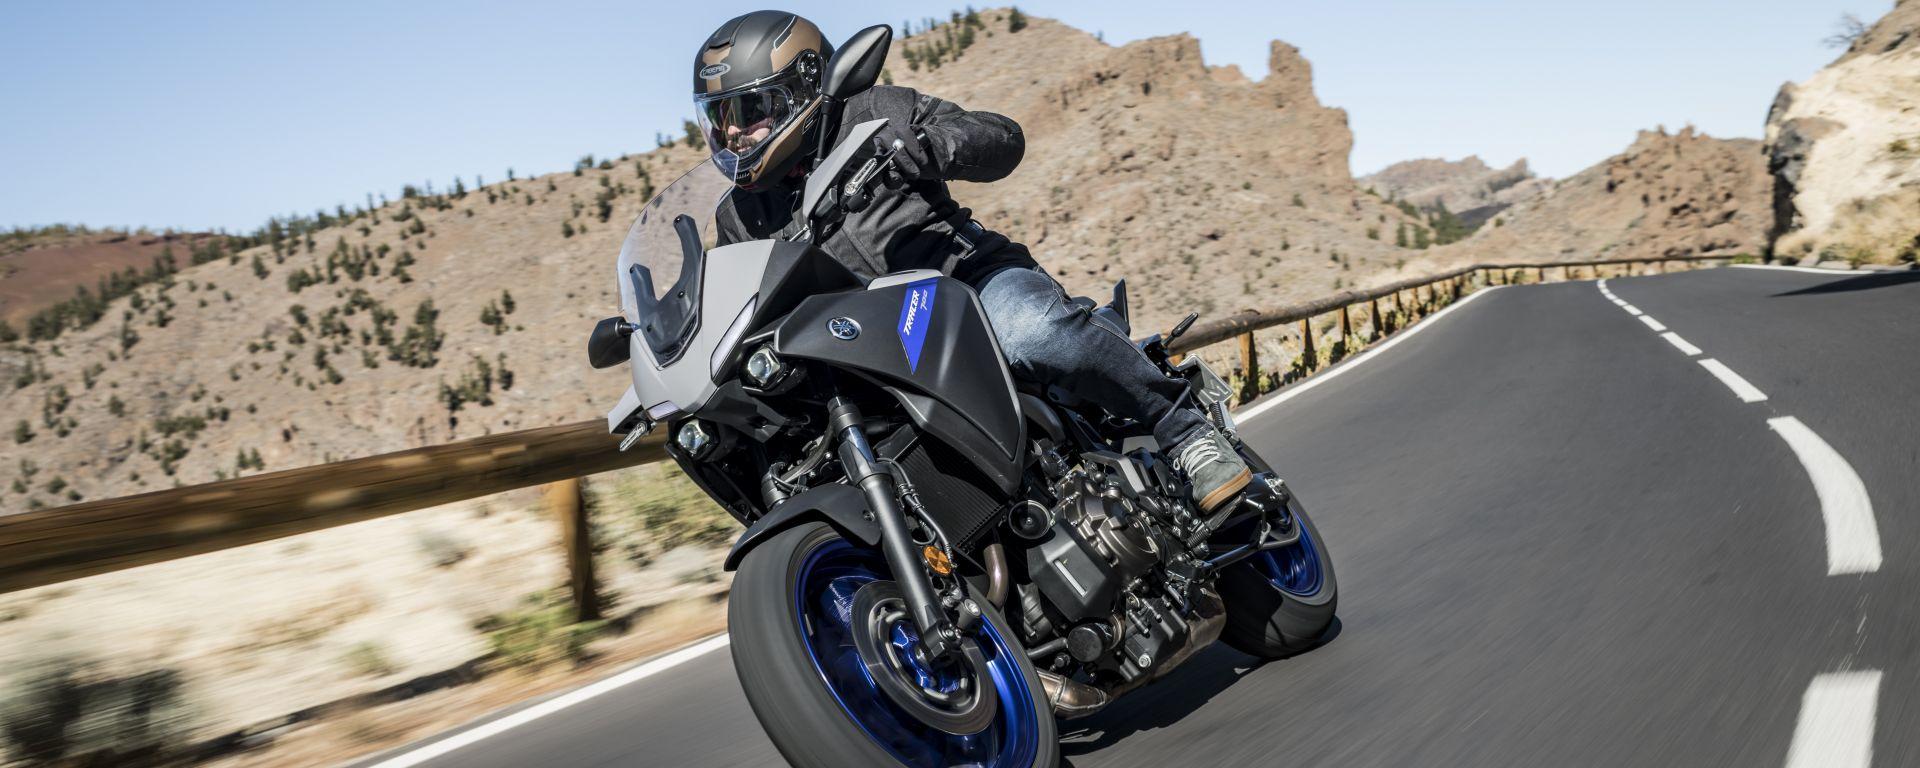 Yamaha Tracer 700 2020:gli accessori dello Sport Pack